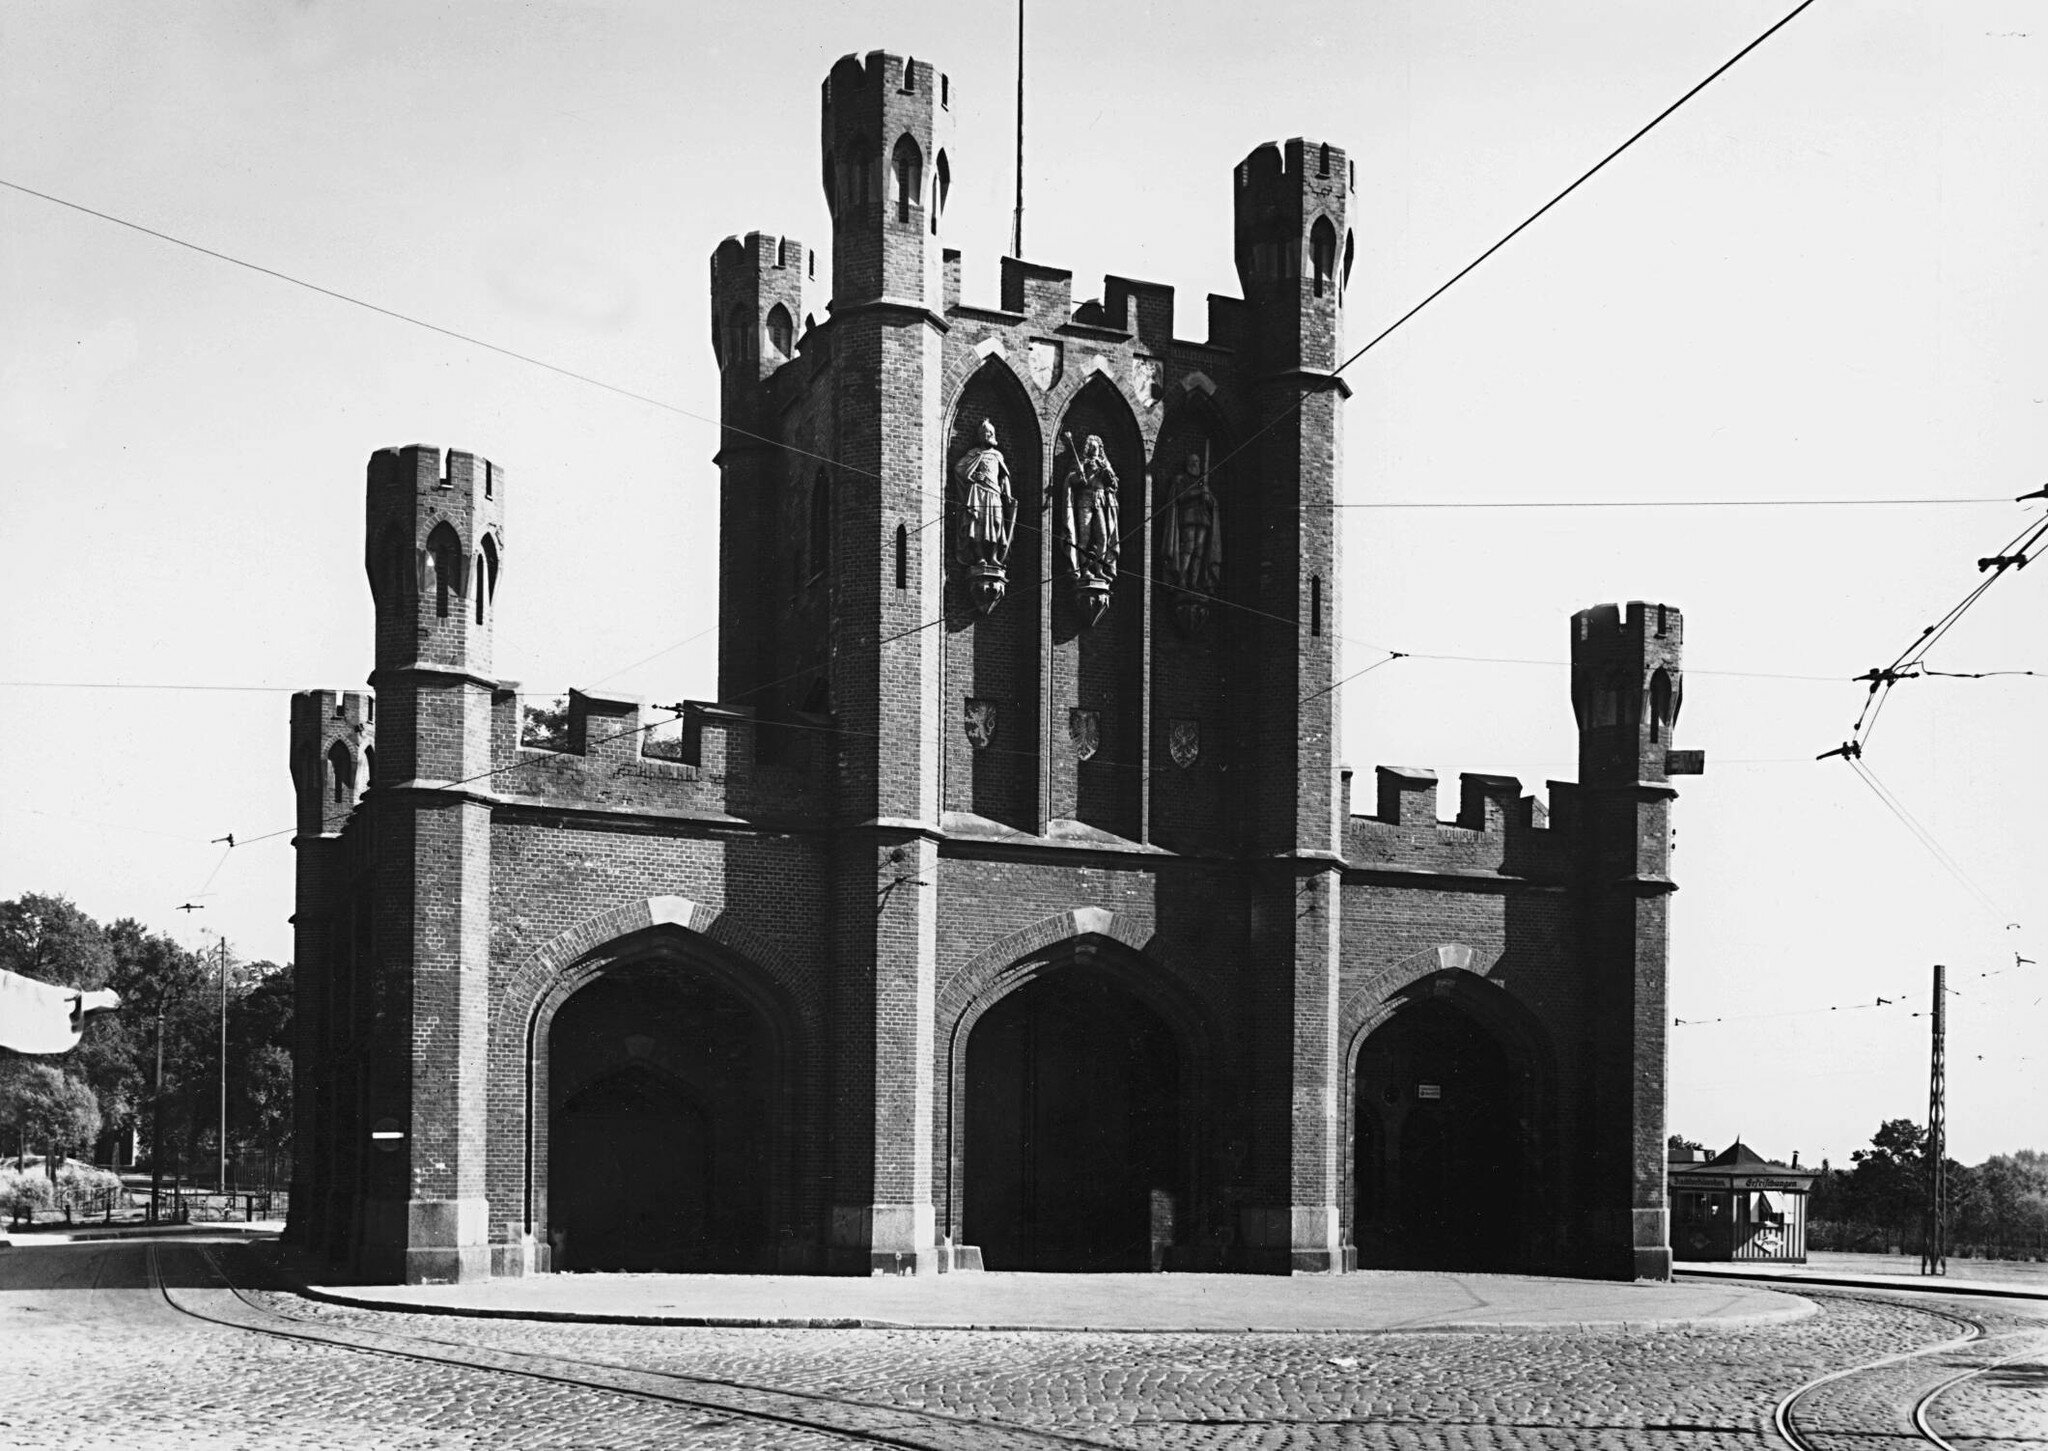 удивительное росгартенские ворота послевоенные фото нескольких схем-блоков